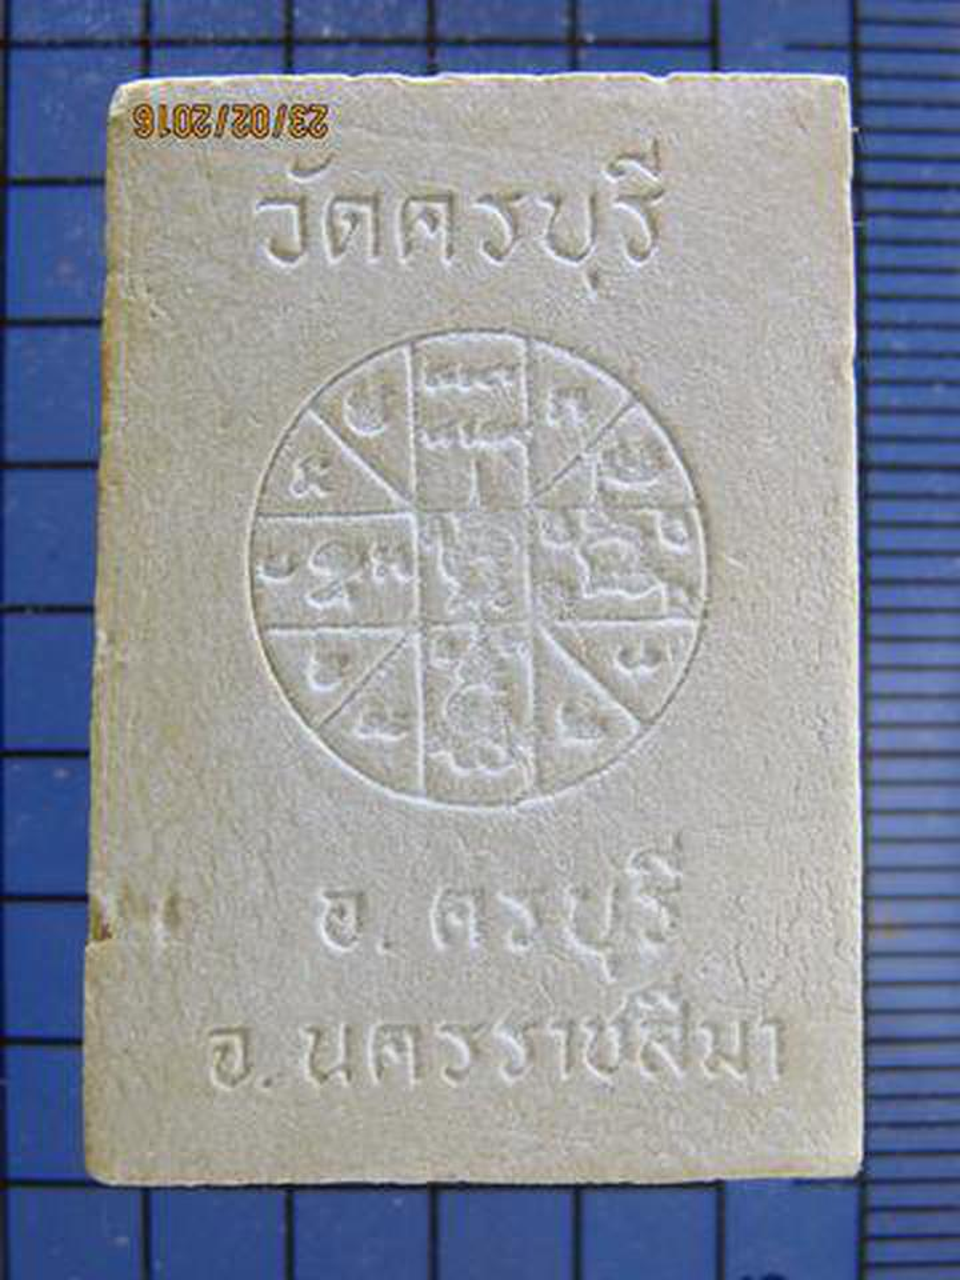 3155 พระผงรูปเหมือนรุ่นแรก หลวงปู่นิล อิสสริโก วัดครบุรี อ.ค รูปที่ 5